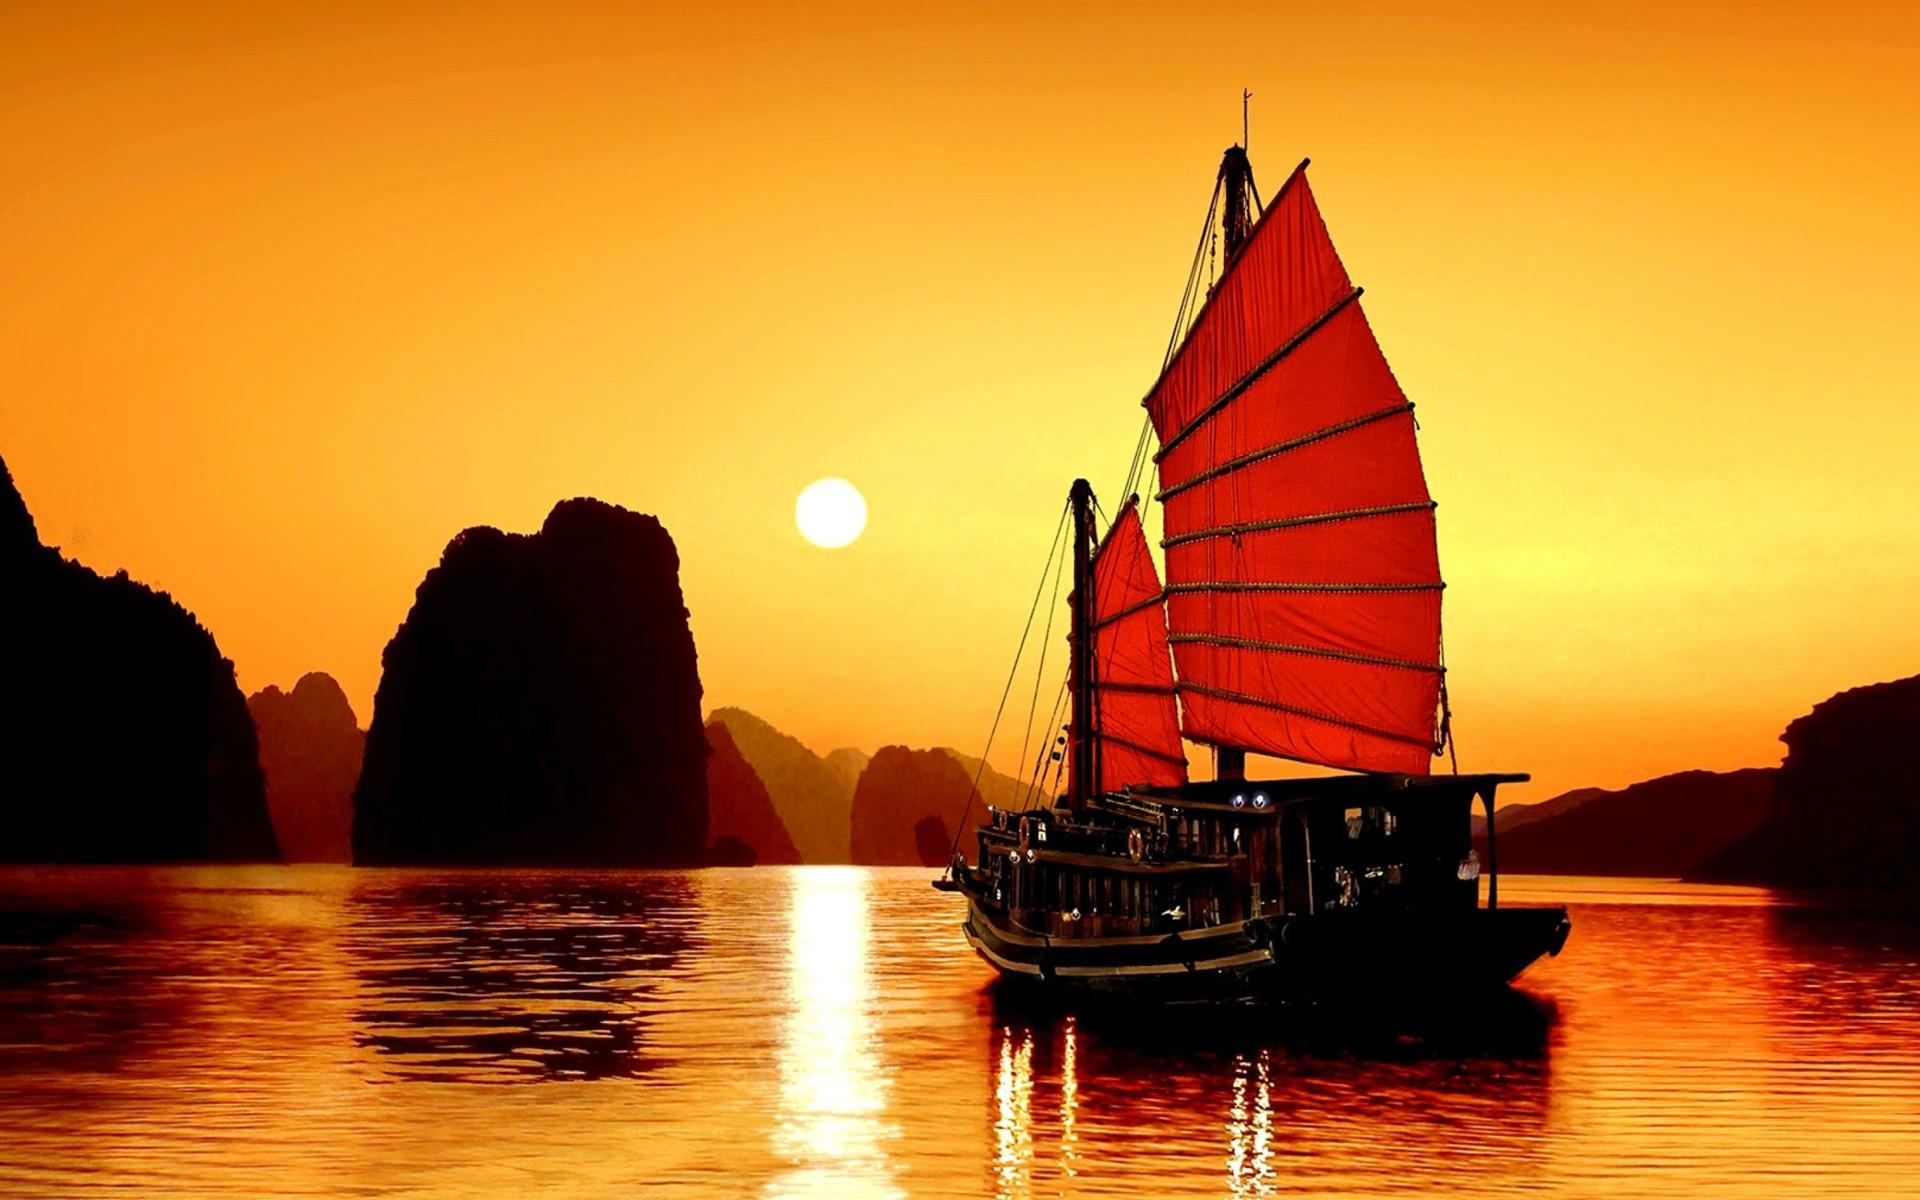 Hình Nền Thuyền Buồm Và Hoàng Hôn